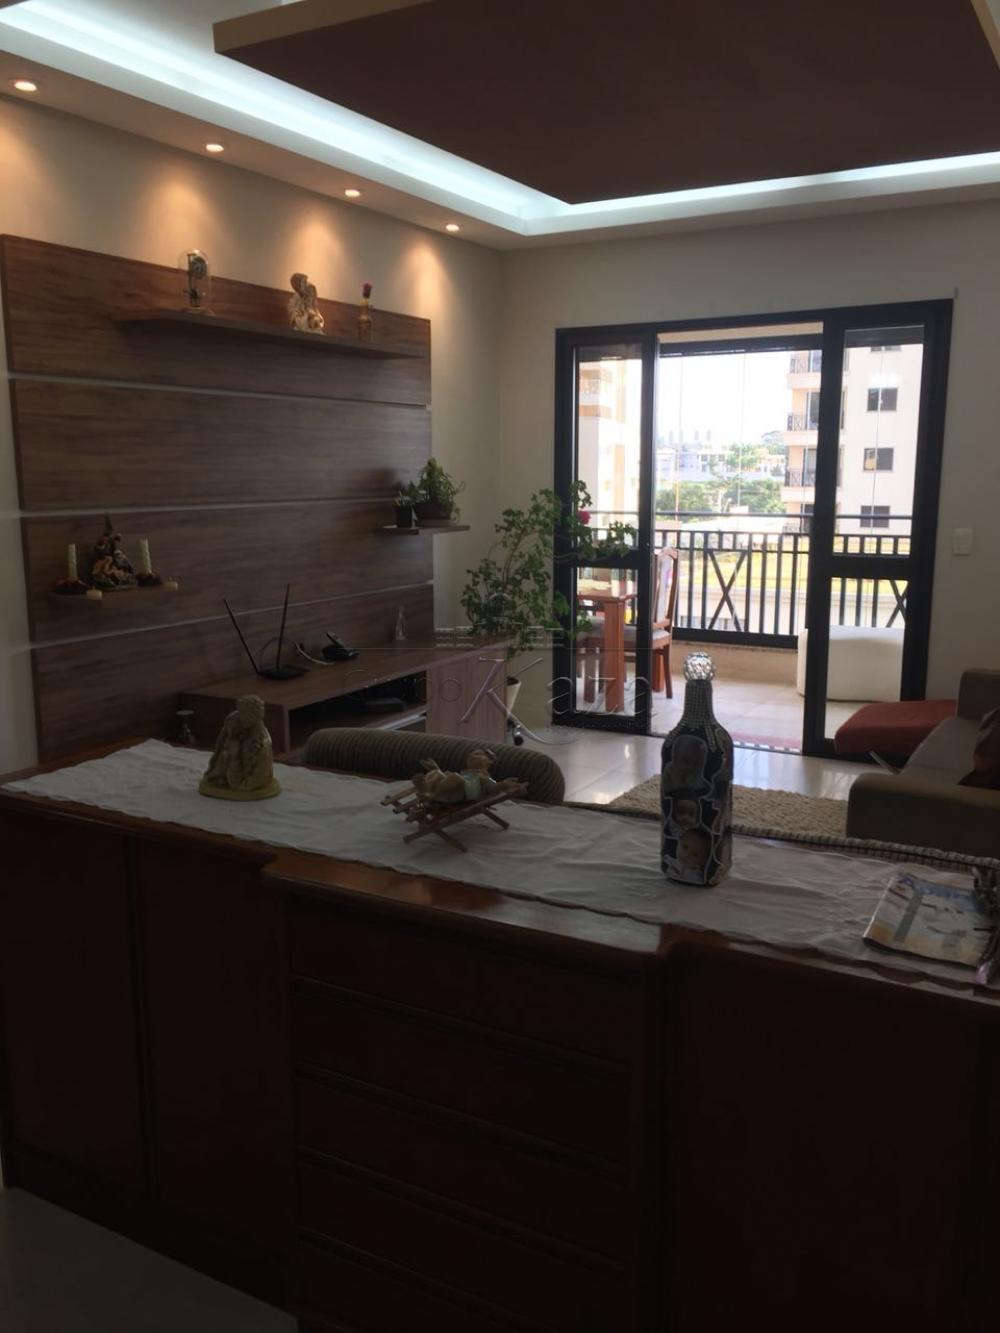 Sao Jose dos Campos Apartamento Venda R$1.100.000,00 Condominio R$622,00 4 Dormitorios 3 Suites Area construida 157.00m2